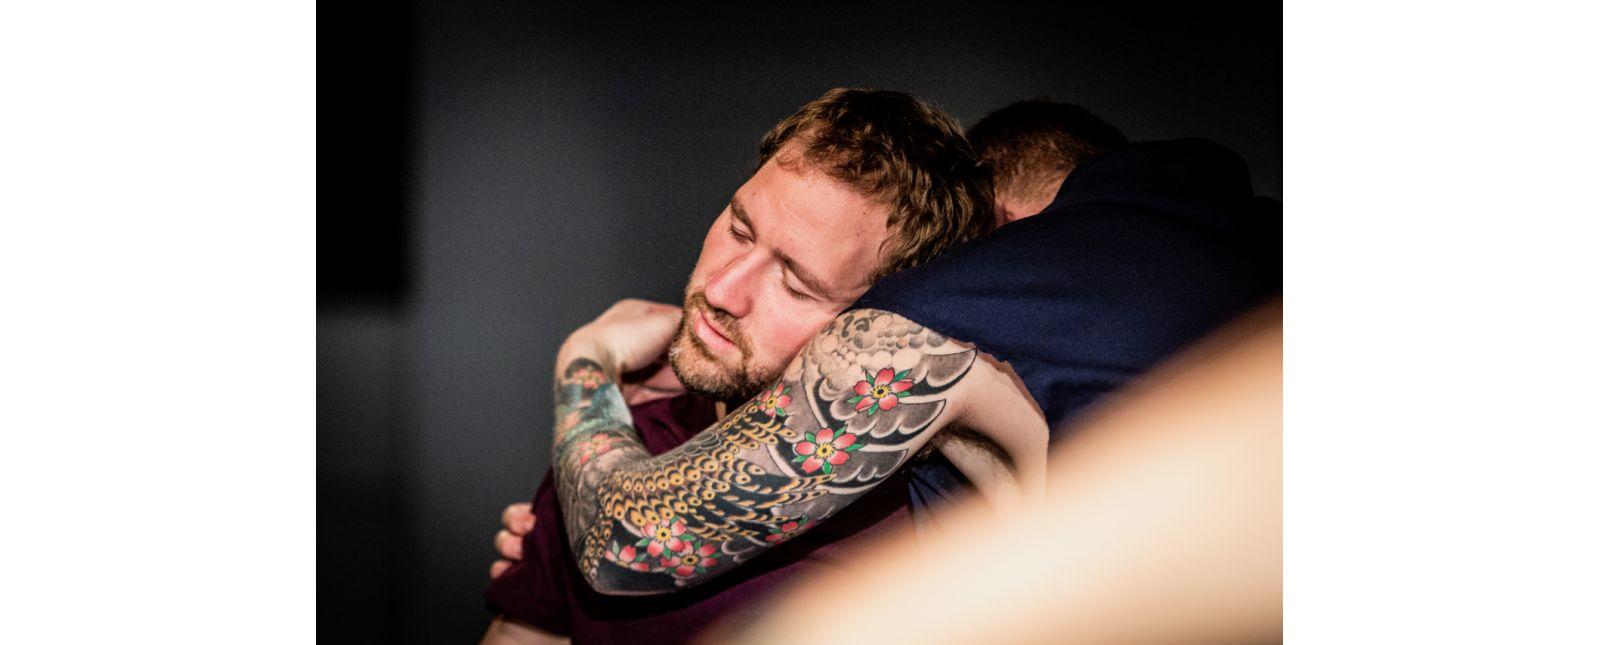 Grenzland //  Simon Winiger / Anton Bauer // 2019 // Foto: Britt Schilling